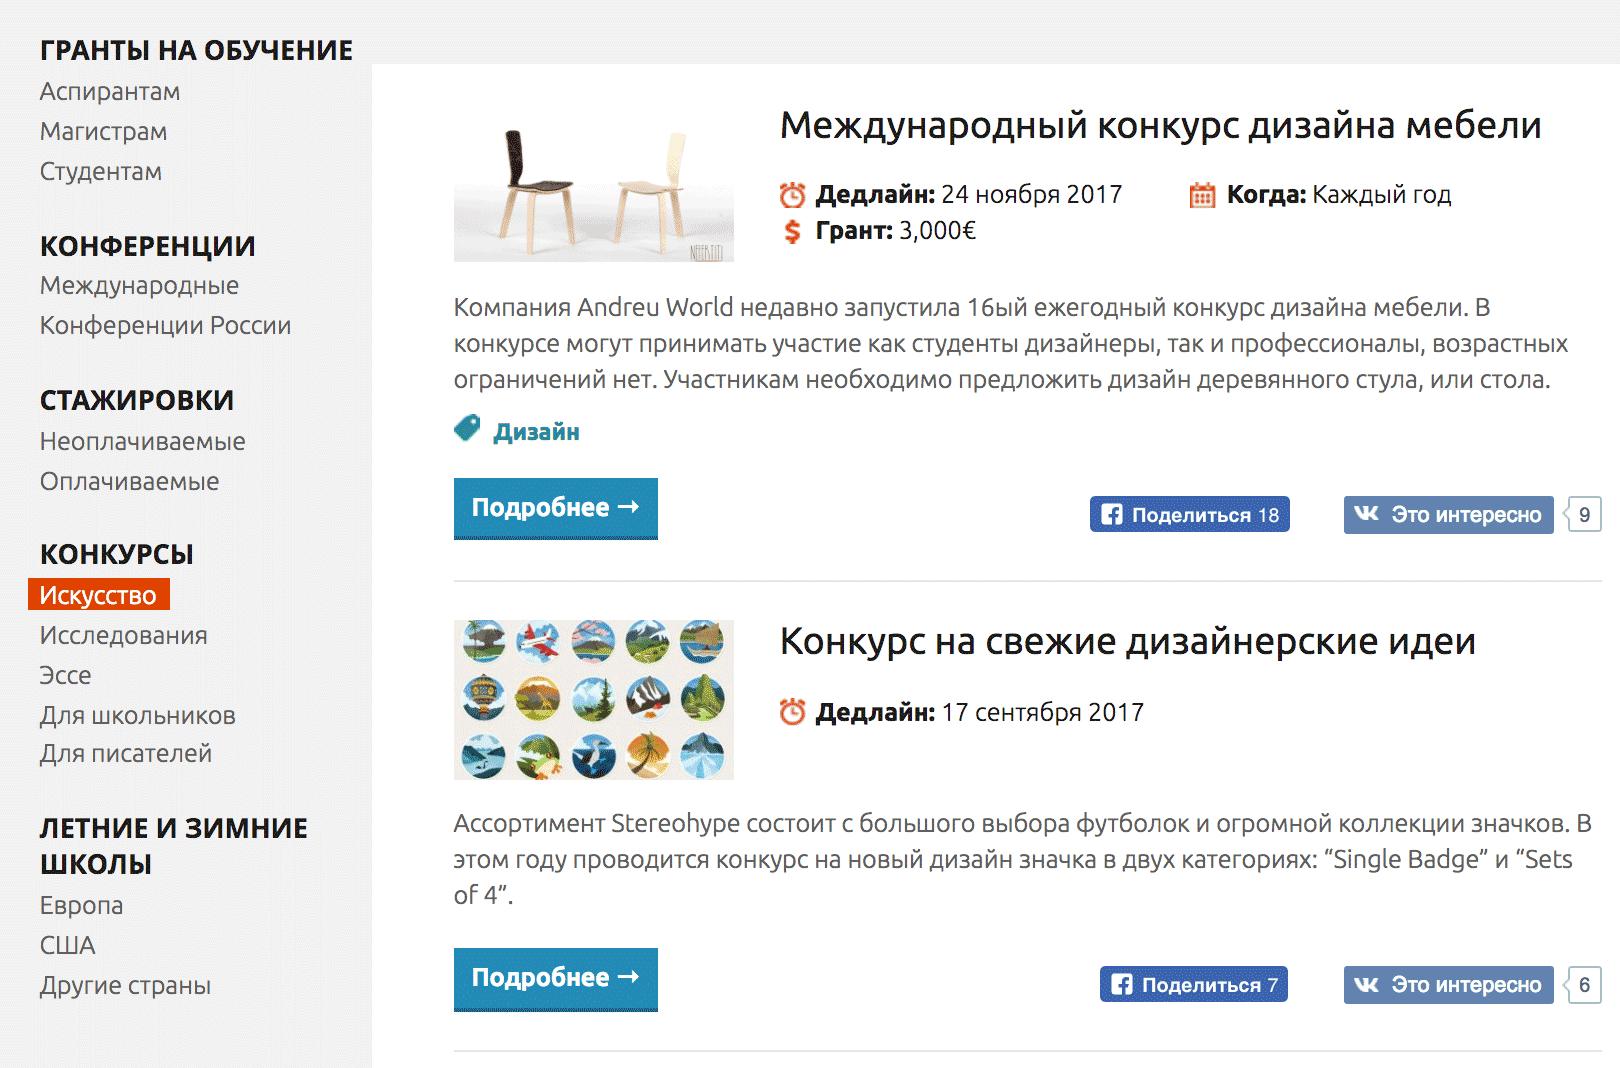 Конкурсы в области искусства на сайте «Грантист»